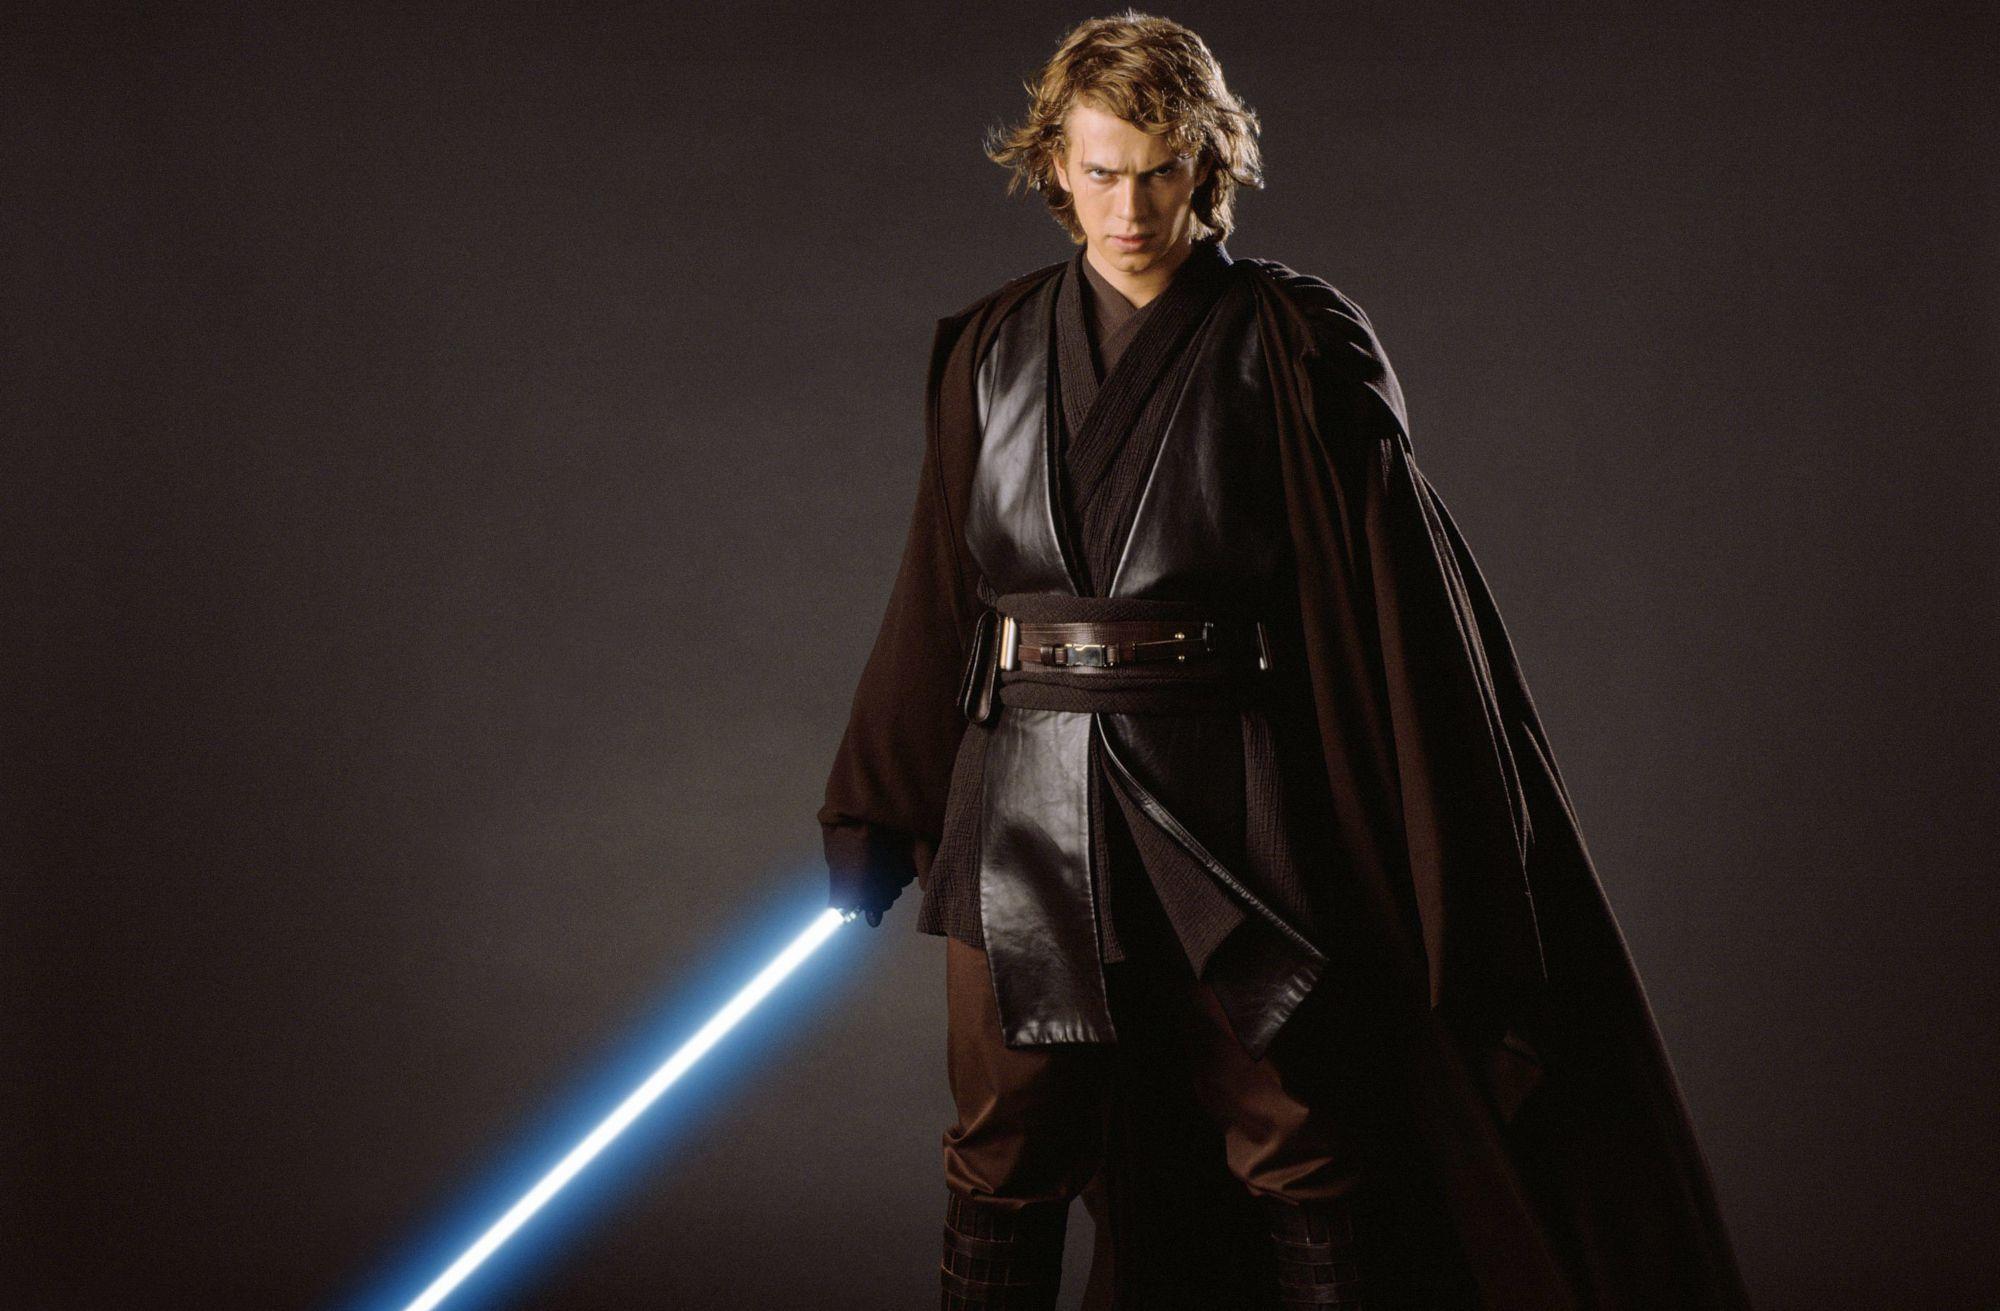 Movie Star Wars Episode Iii Revenge Of The Sith Star Wars Anakin Skywalker Hayden Christensen Hd Wallpaper In 2020 Star Wars Anakin Star Wars Episodes Anakin Skywalker